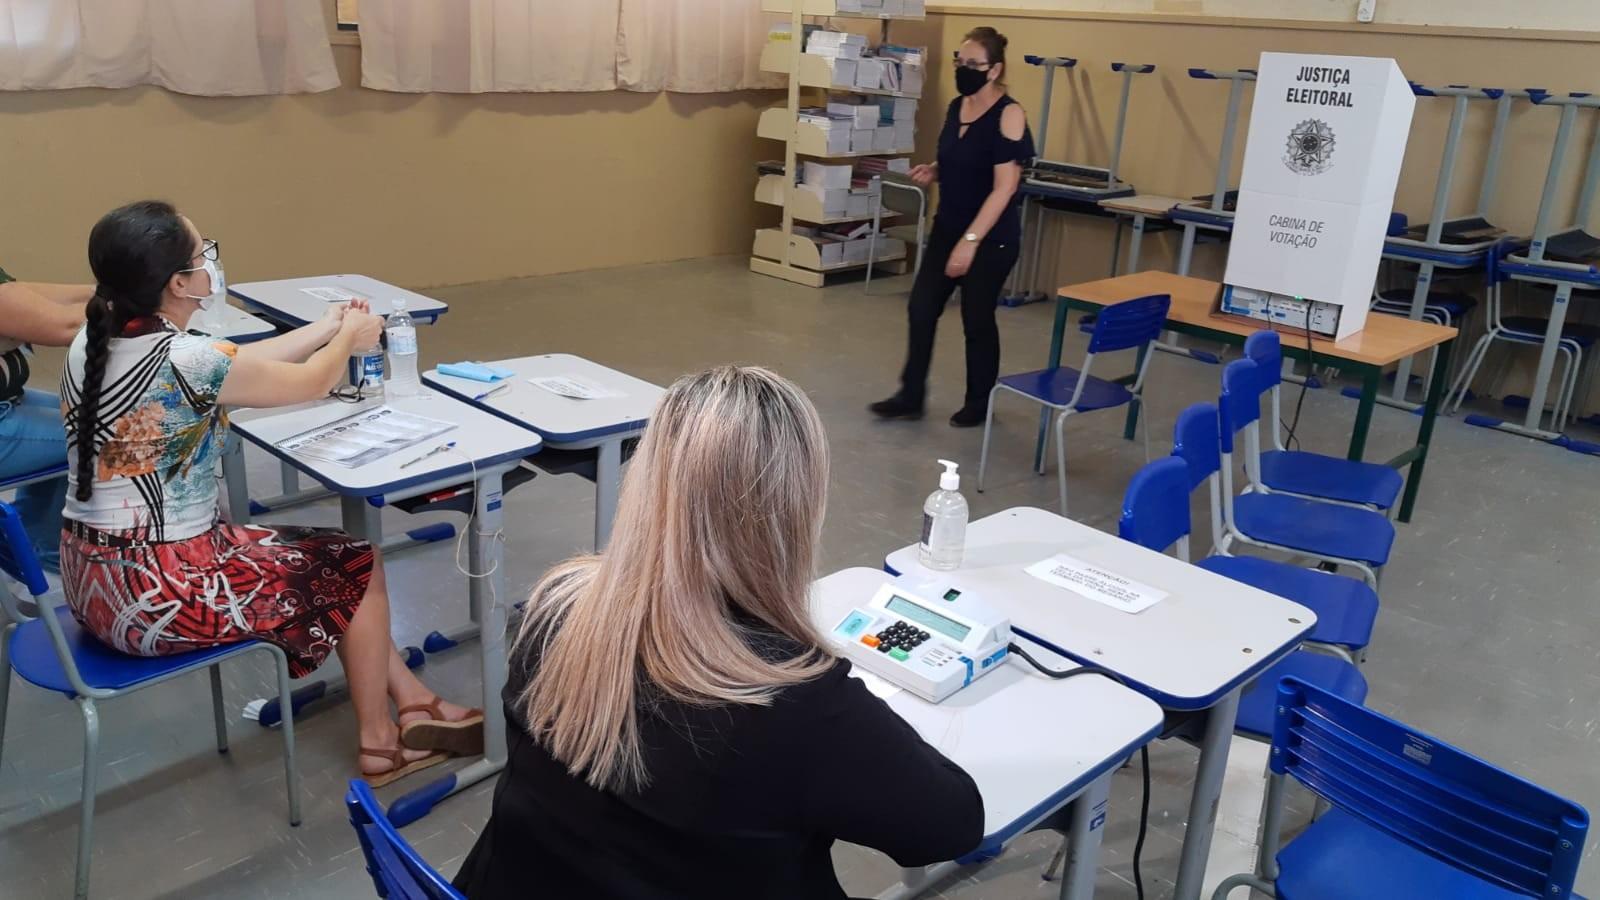 Justiça Eleitoral lança campanha para atrair mesários voluntários para 2022